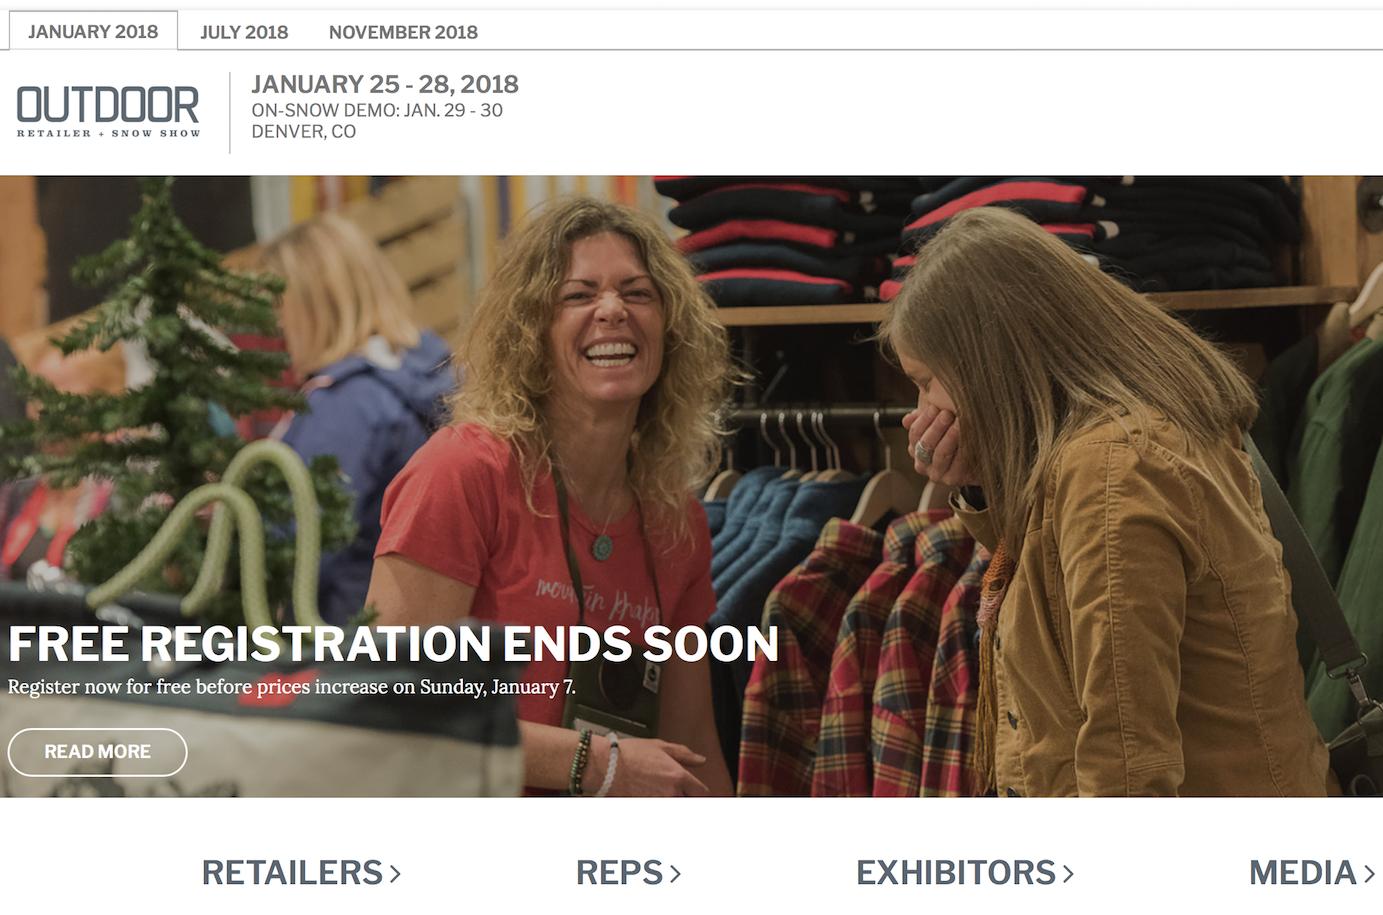 美国户外和滑雪两大知名行业展会合并,举办30年来最大行业贸易展 Outdoor Retailer & Snow Show